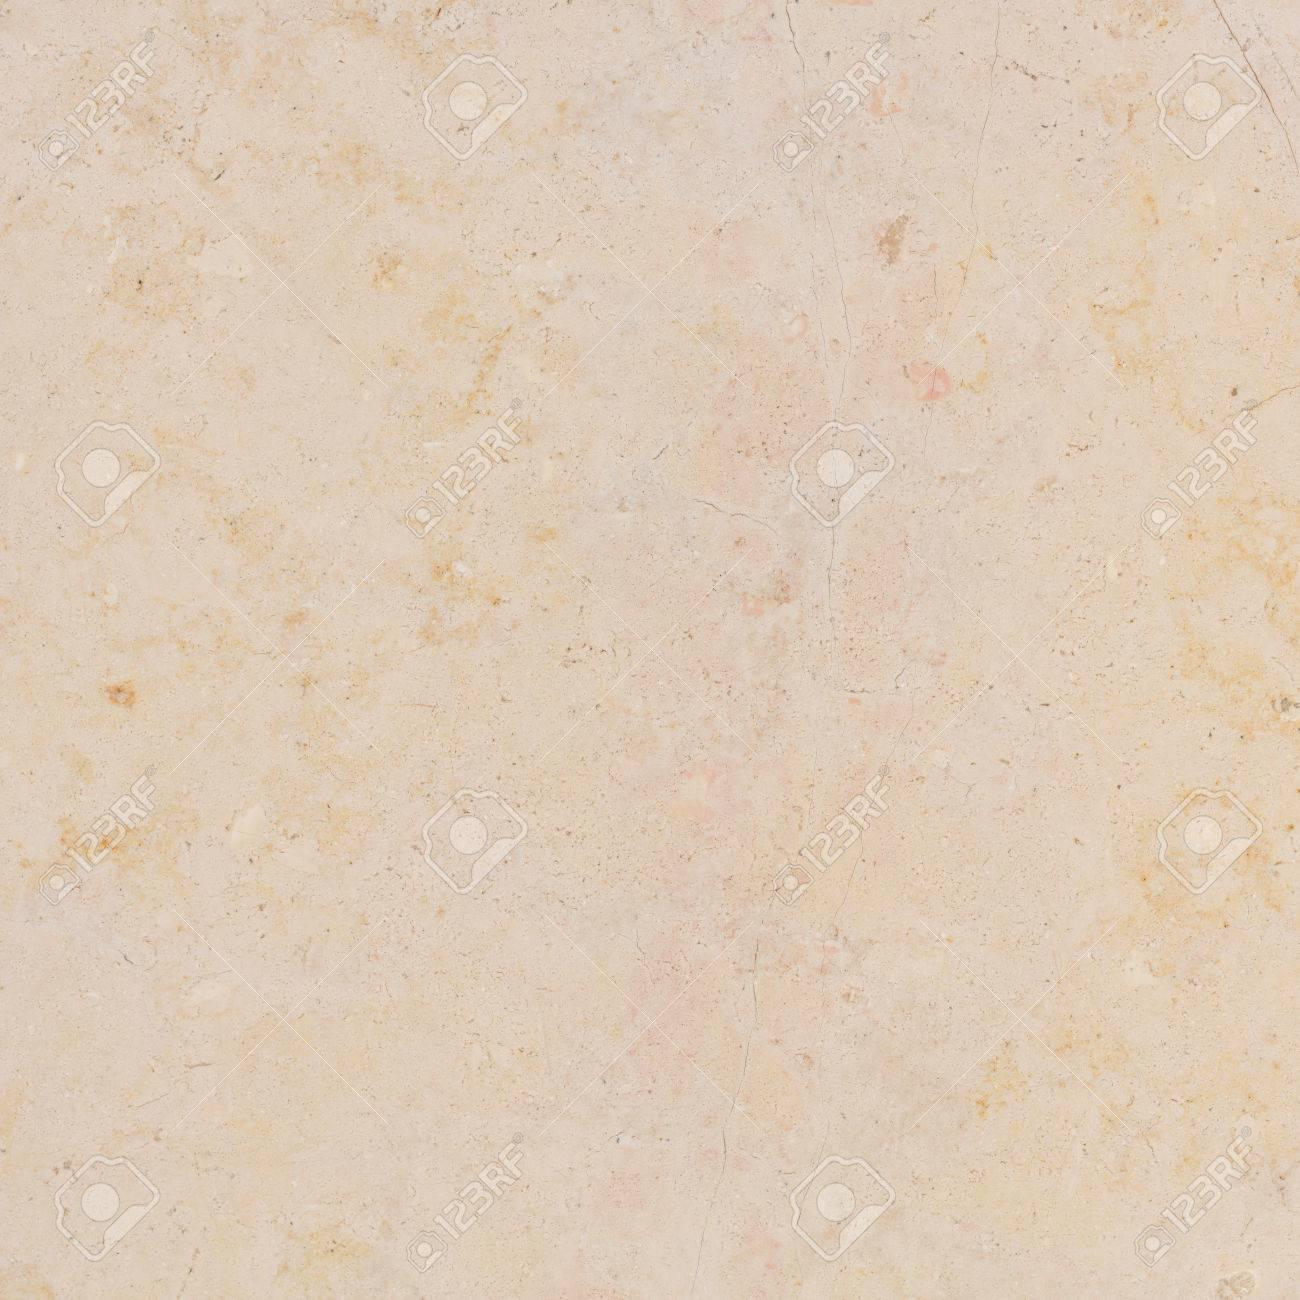 Beige Licht Warm Trani Marmor Stein Naturliche Oberflache Fur Bad